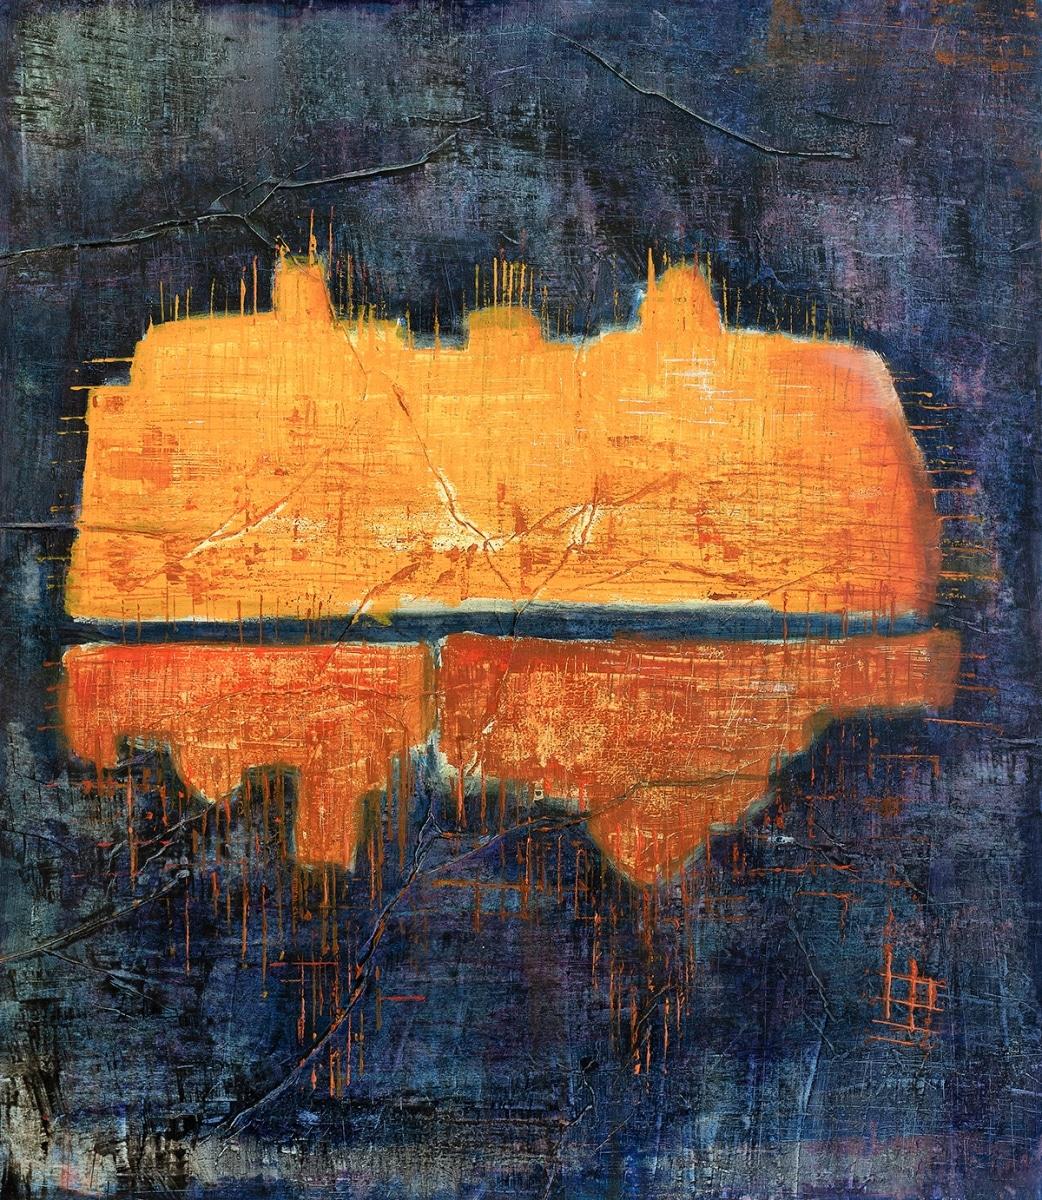 Fort de joux #1 (Serie Kleist) // 85 x 75, Acryl, Ölkreide auf Papier, 2019